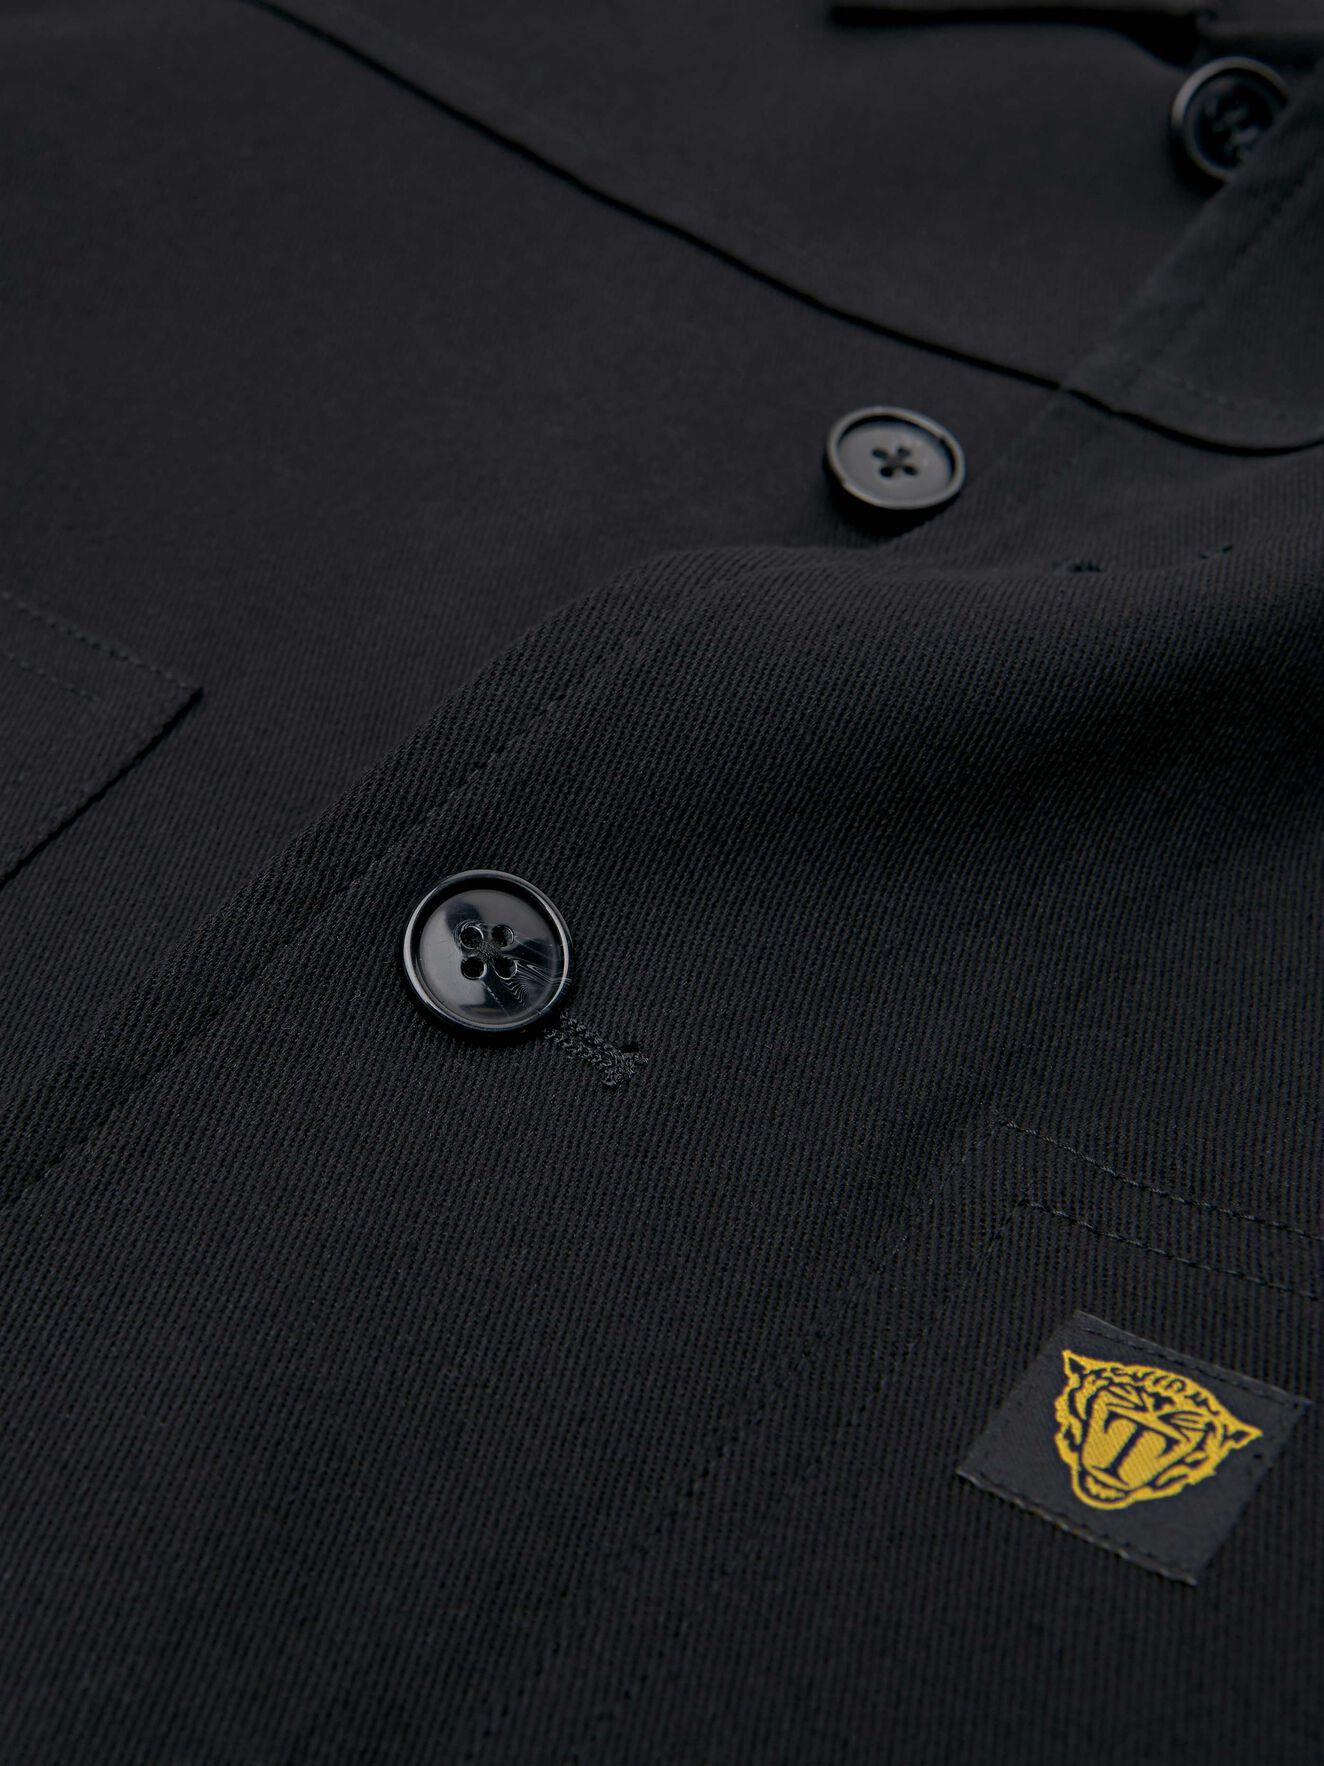 Kasar Jacket in Black from Tiger of Sweden